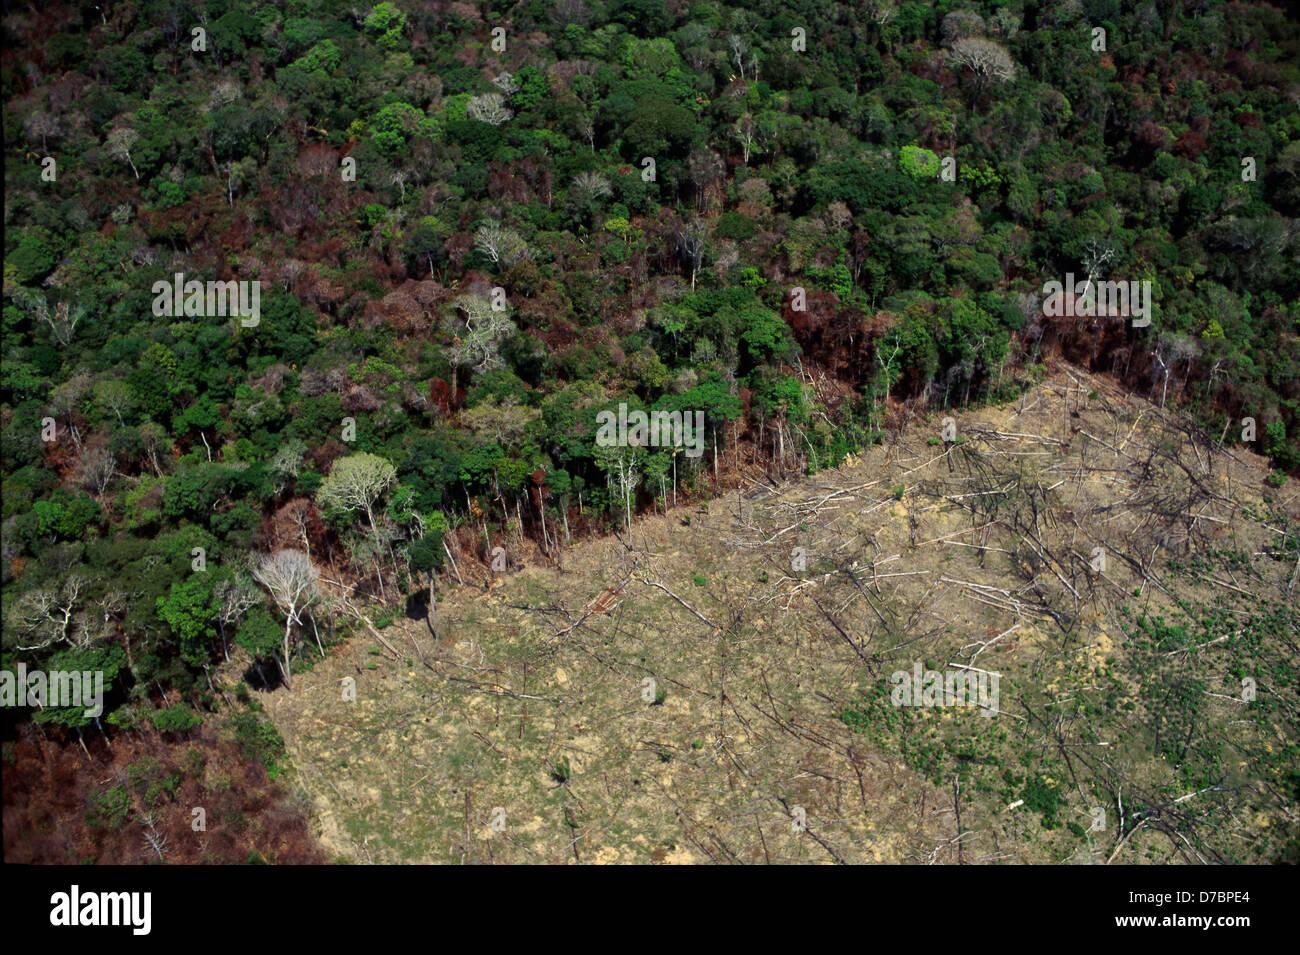 Vue aérienne des forêts, la déforestation. Forêt amazonienne, au Brésil. Photo Stock